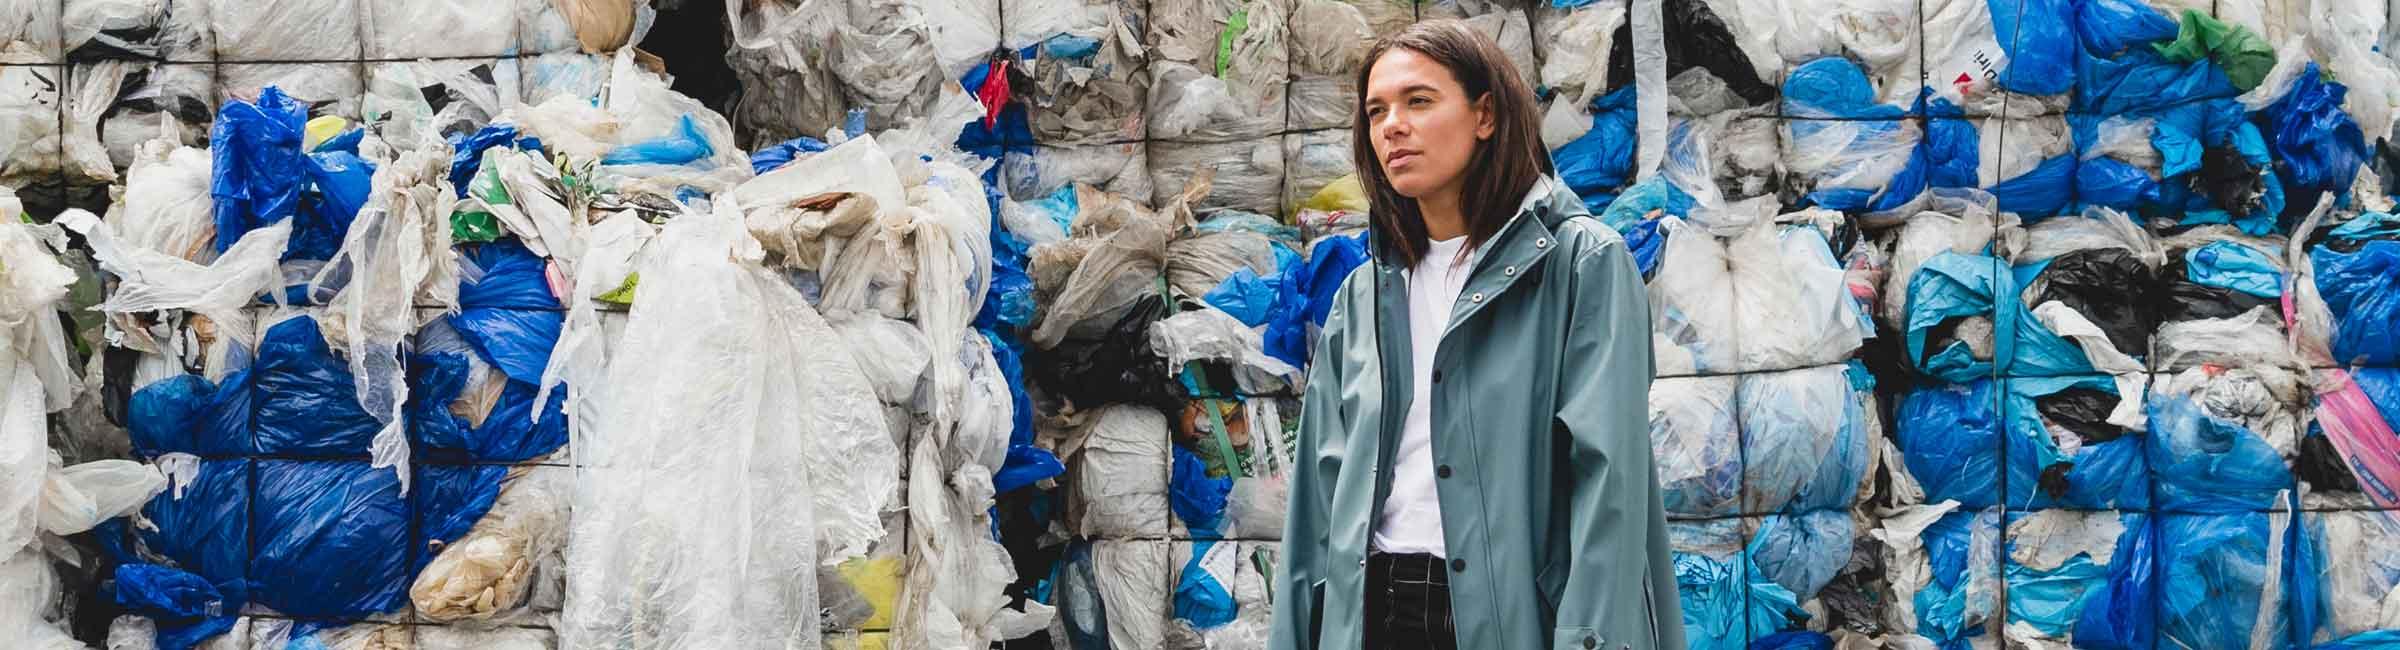 Duurzame kleding van plastic flessen, kan dat?